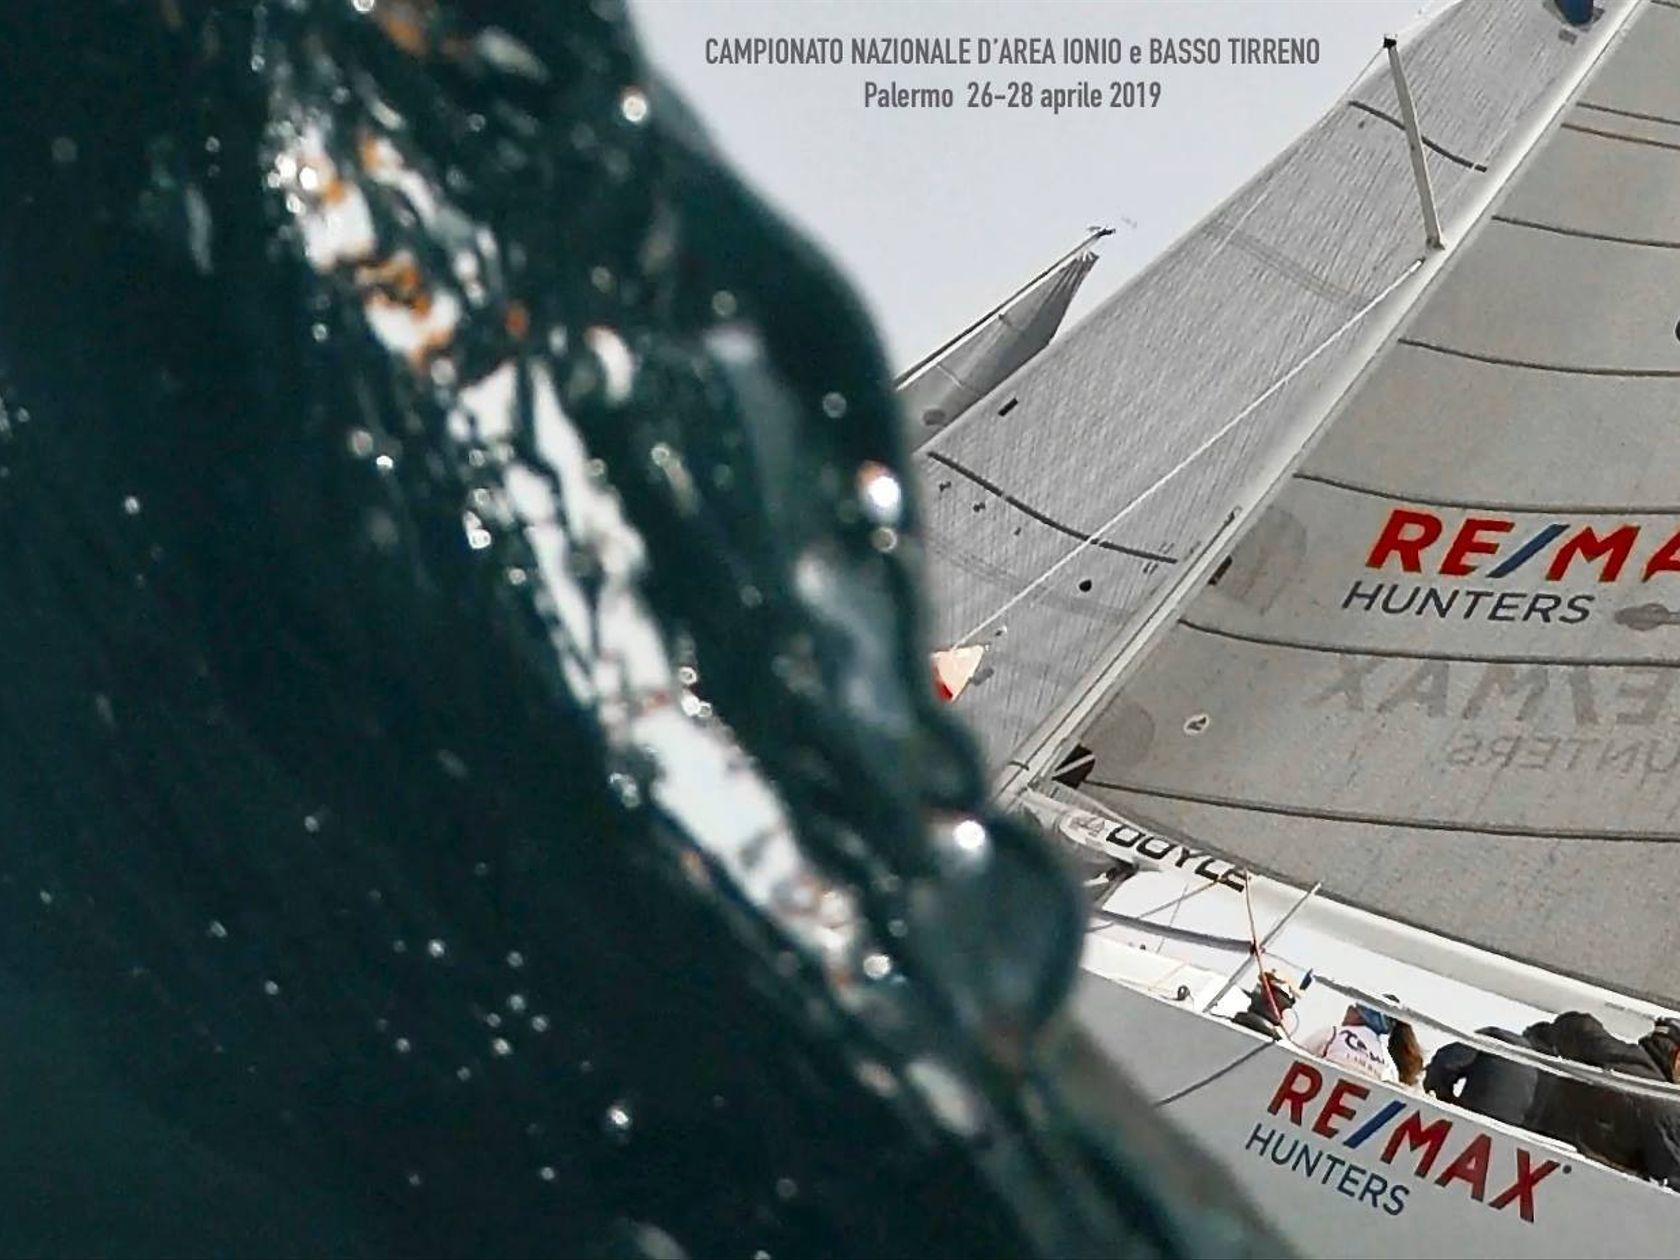 RE/MAX Hunters Palermo - Foto 4